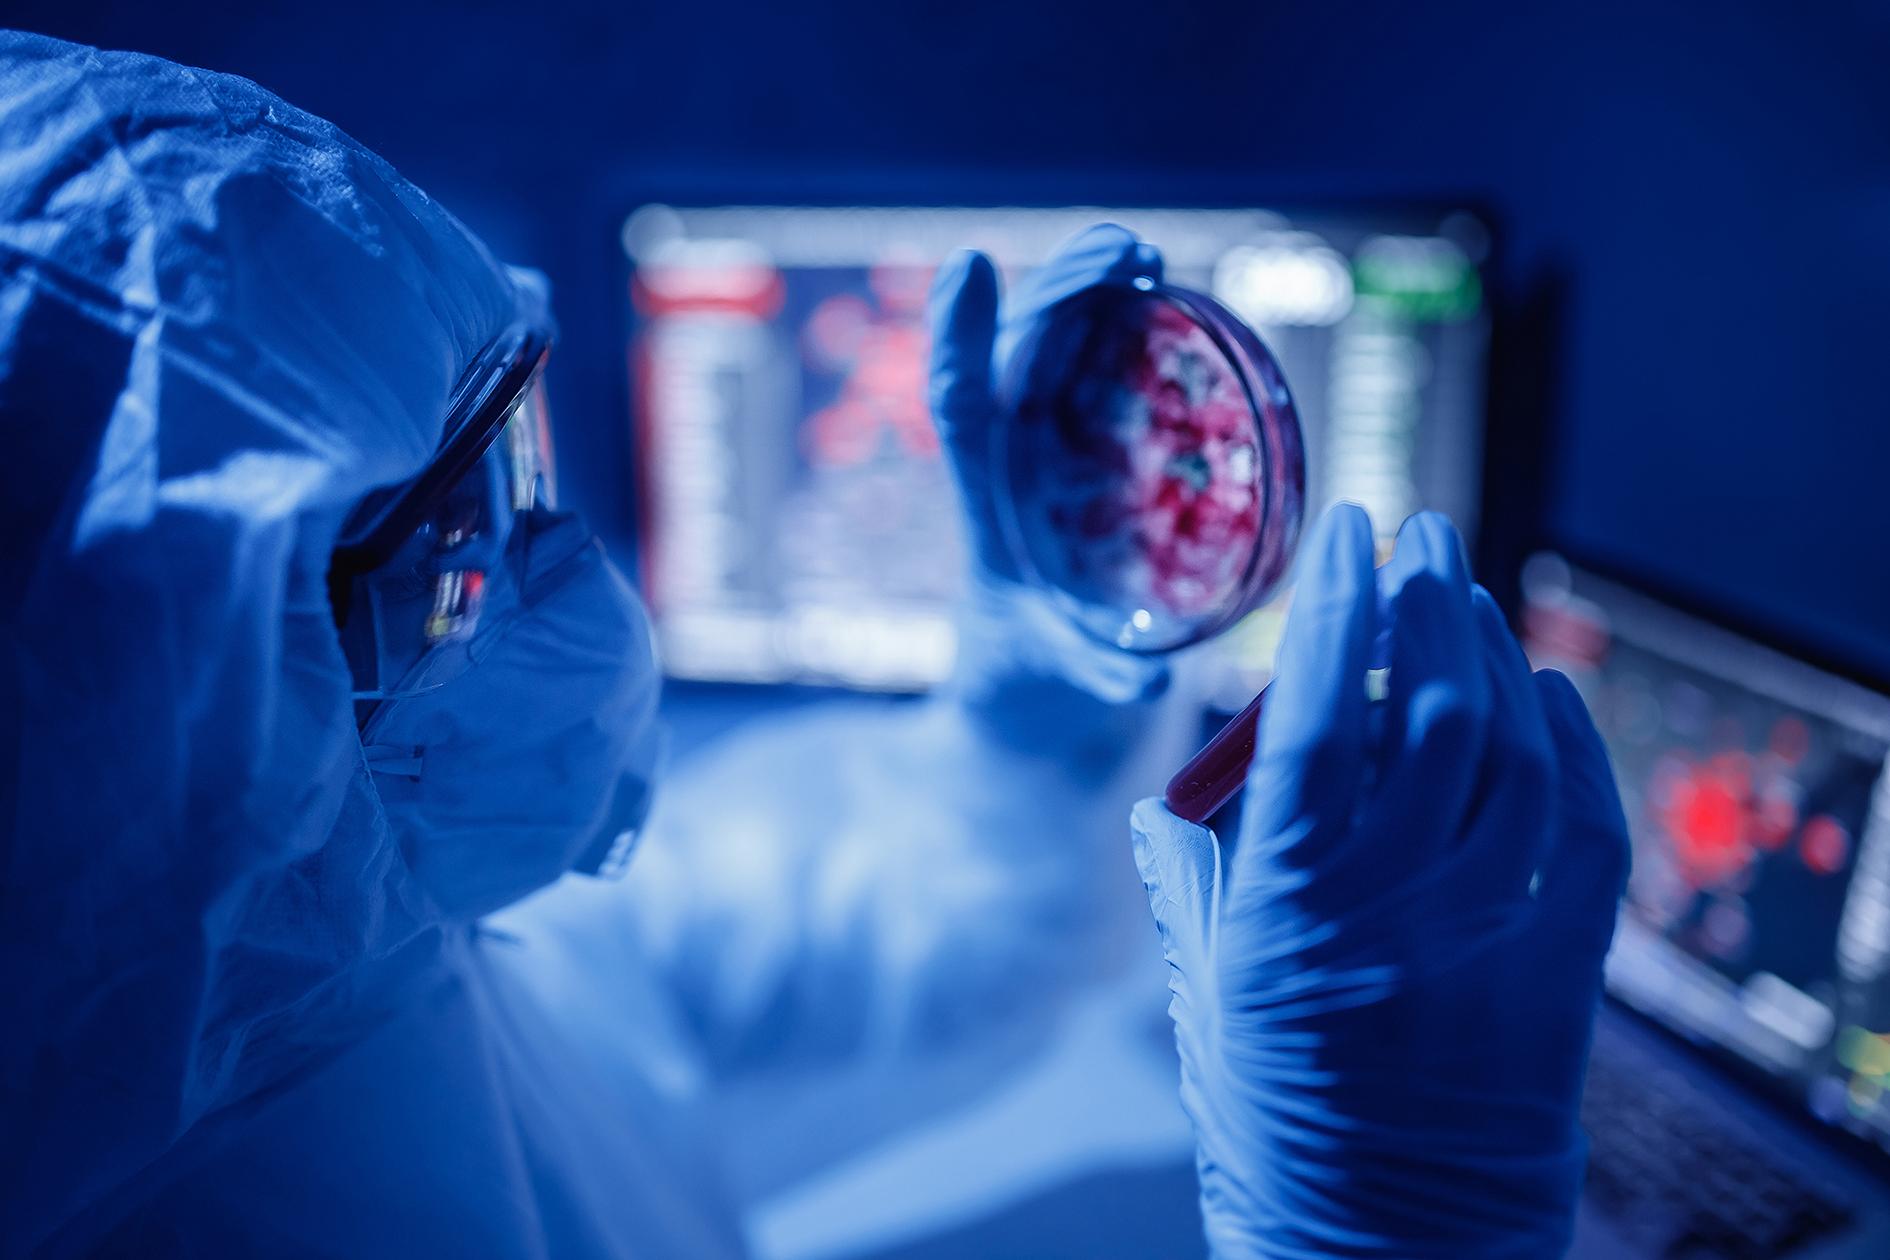 """Il bando per il """"PhD program in Molecular Biomedicine"""" 2020 è aperto fino al 17 giugno p.v. 2020. Si applica tramite il sito Web dell'Università al link: http://www2.units.it/dott/en/?file=DottBandi.inc&cod=2018"""